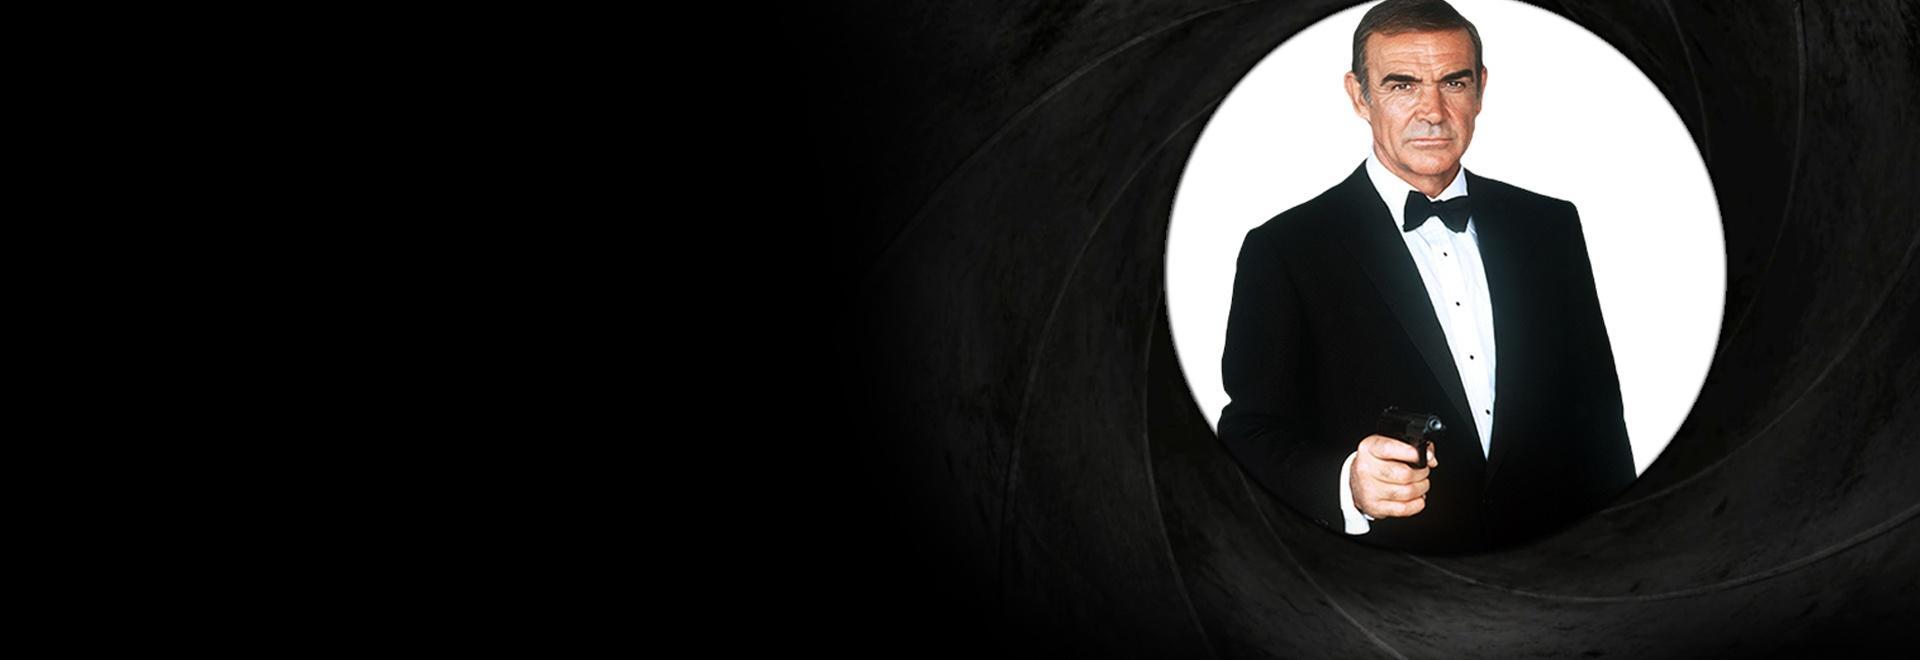 Agente 007 - Mai dire mai